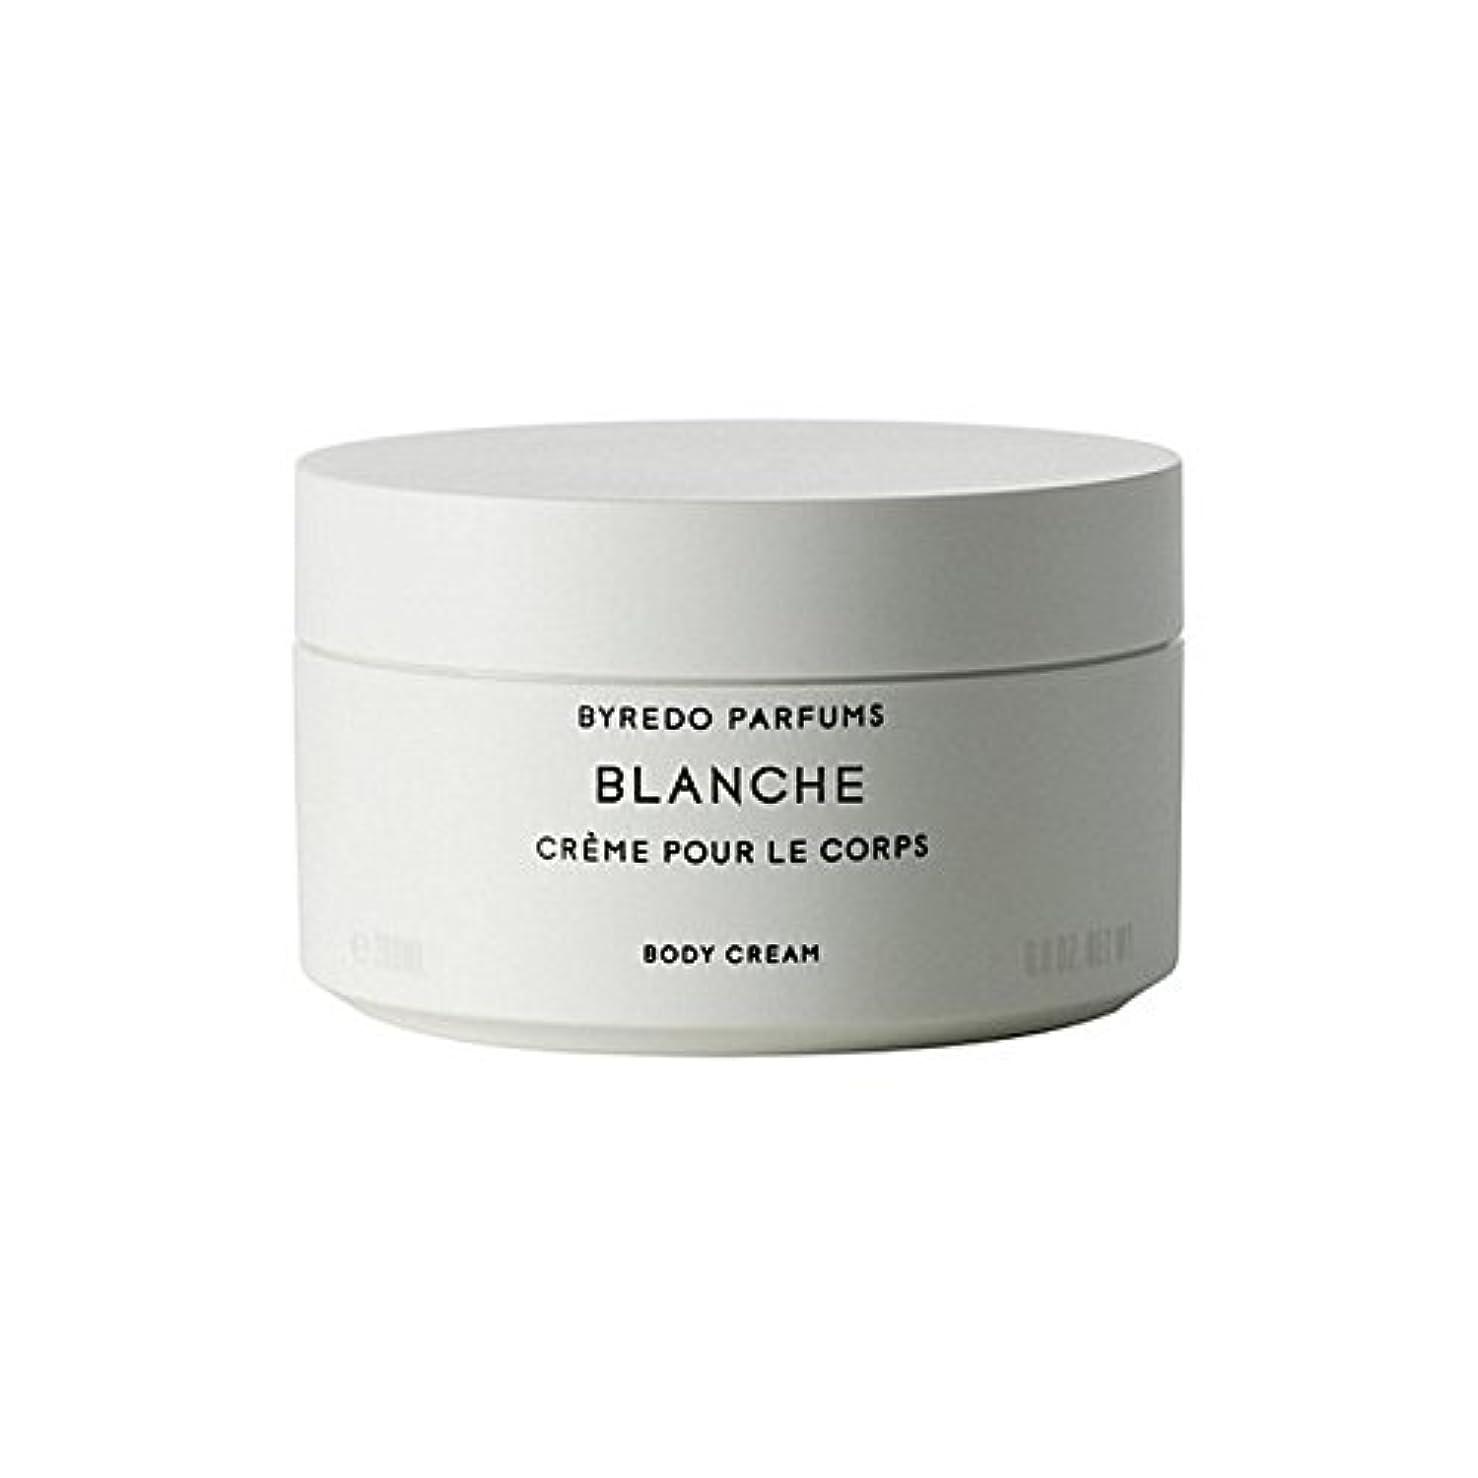 住居変化ハブブByredo Blanche Body Cream 200ml (Pack of 6) - ブランシュボディクリーム200ミリリットル x6 [並行輸入品]